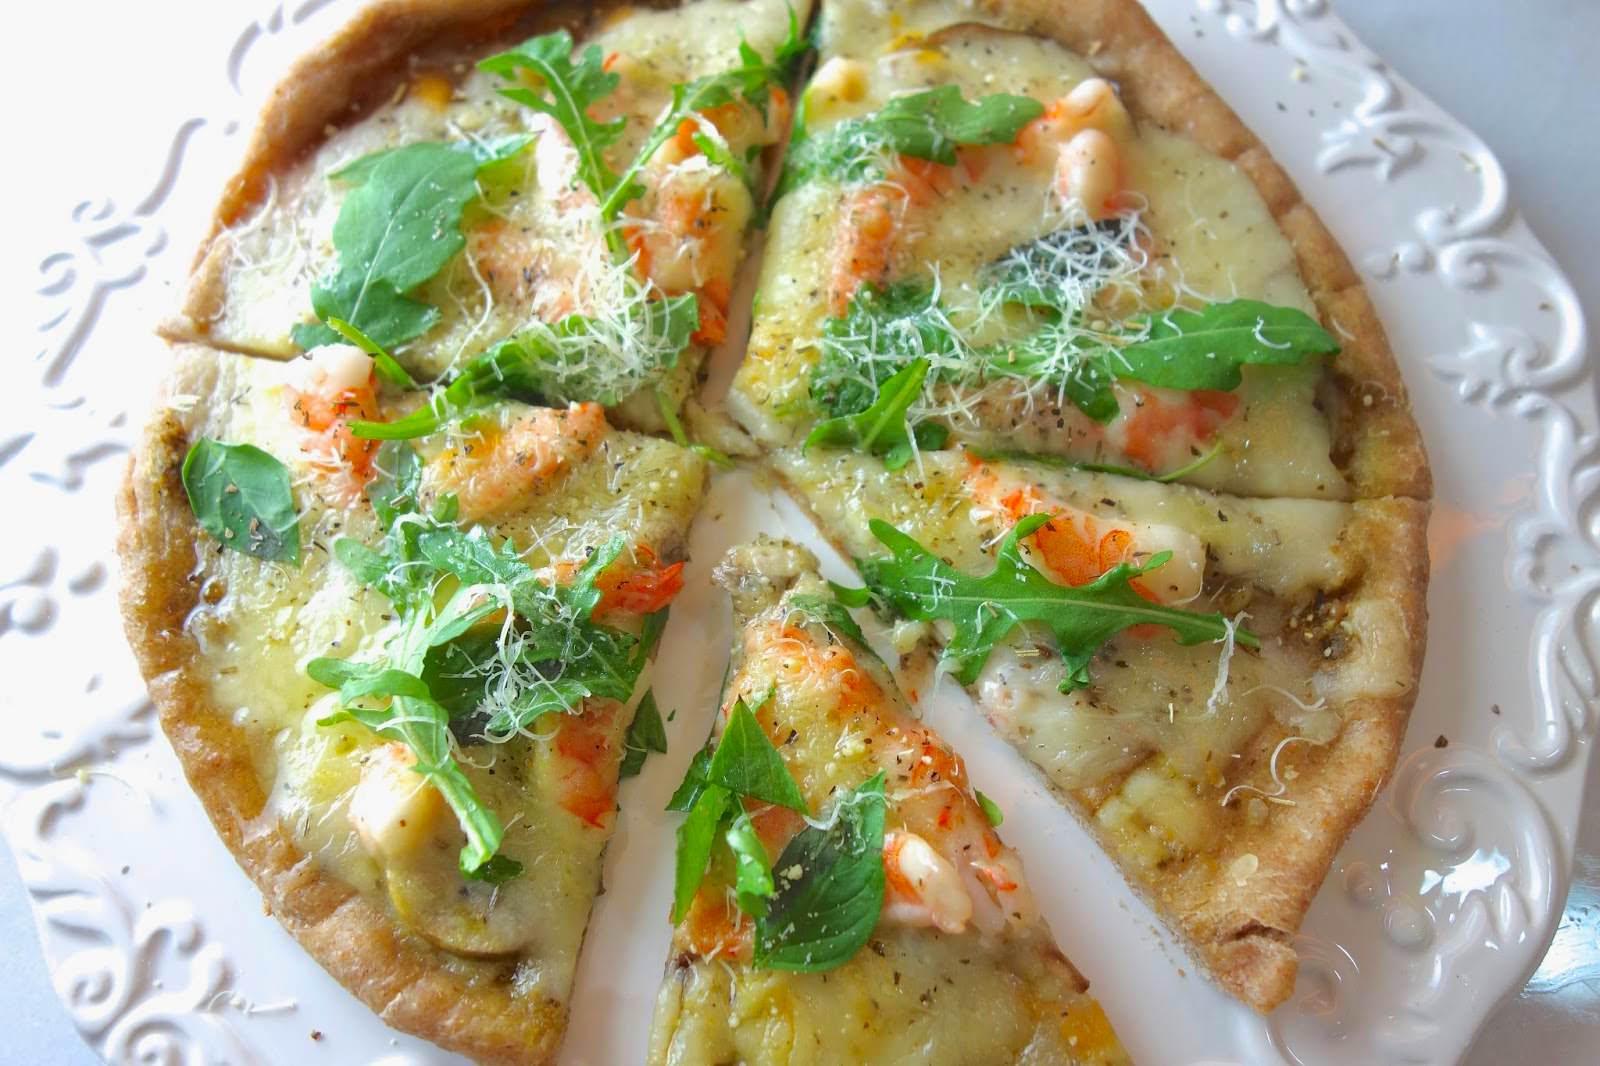 「想吃披薩沒烤箱?」沒關係,用平底鍋也能輕鬆做!